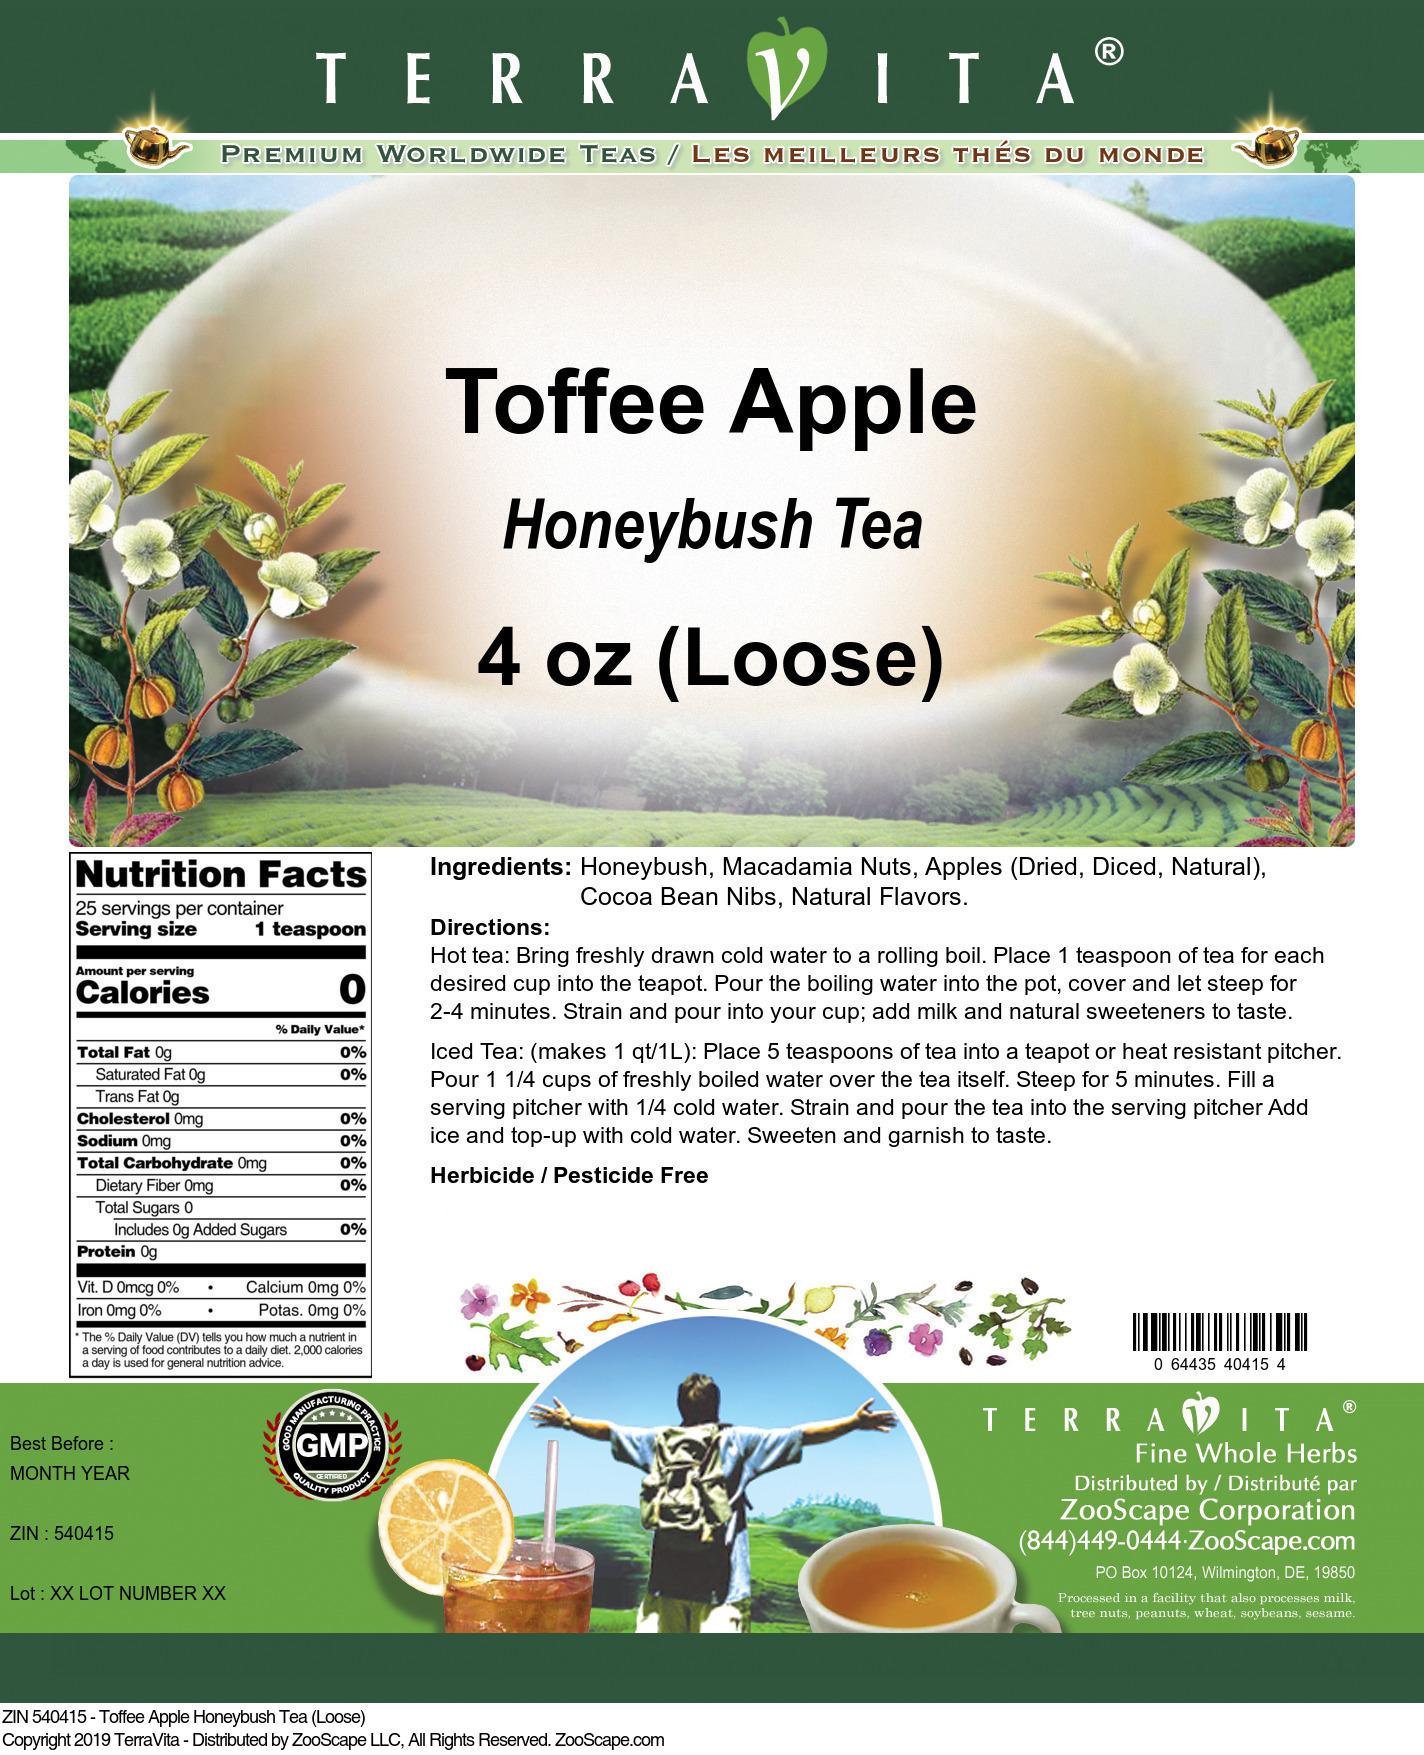 Toffee Apple Honeybush Tea (Loose)